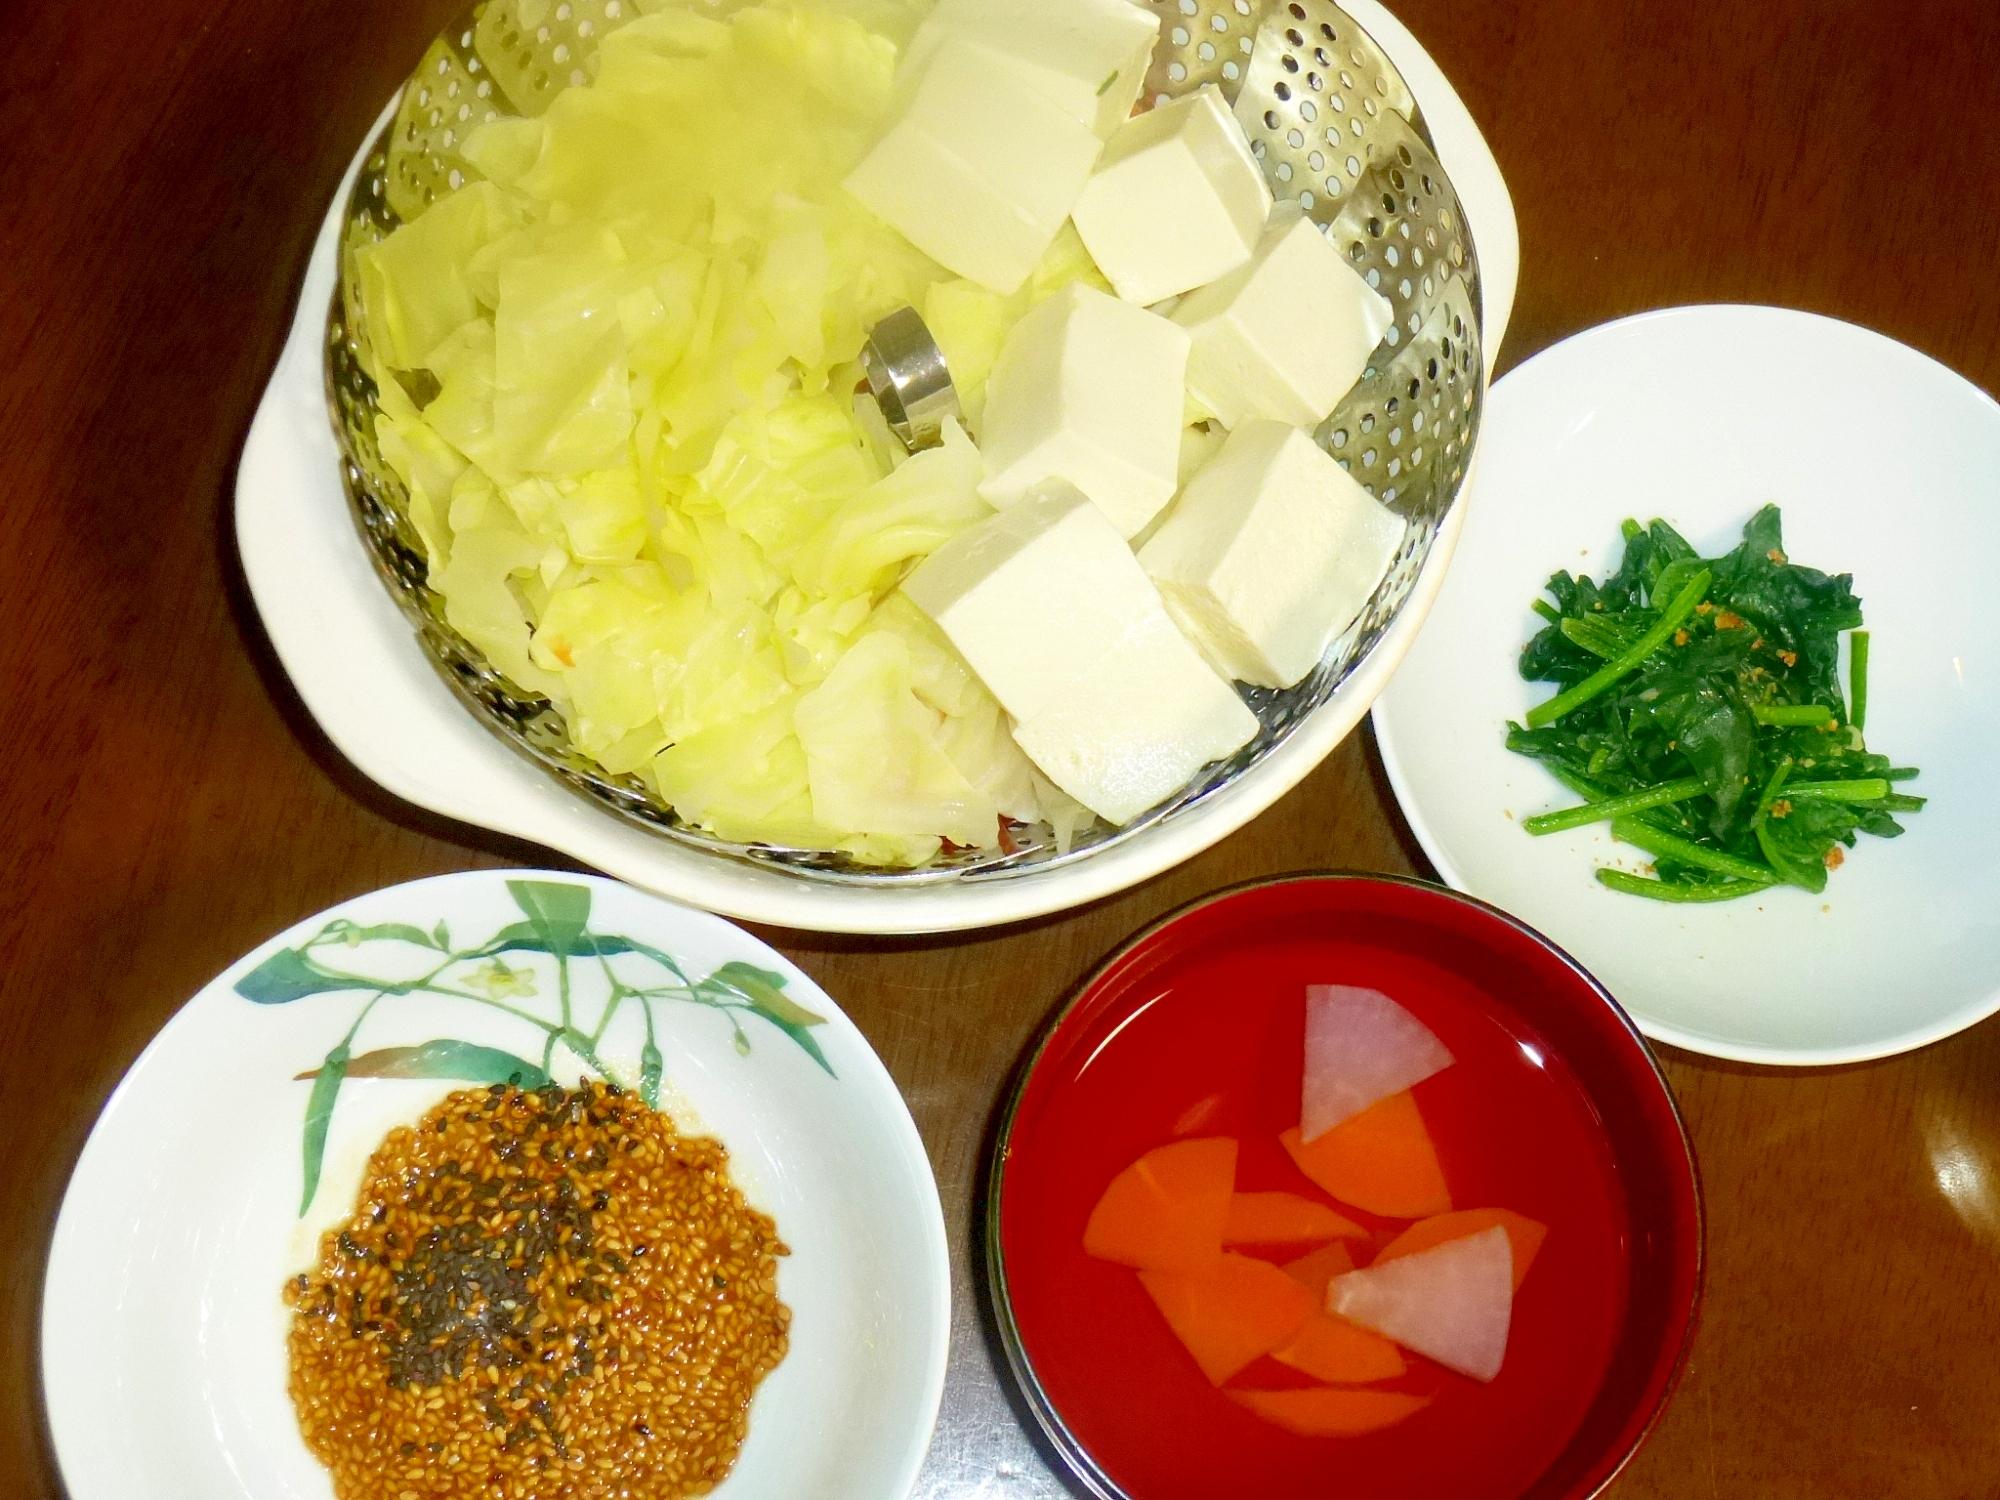 ヘルシー☆蒸し豆腐とお野菜